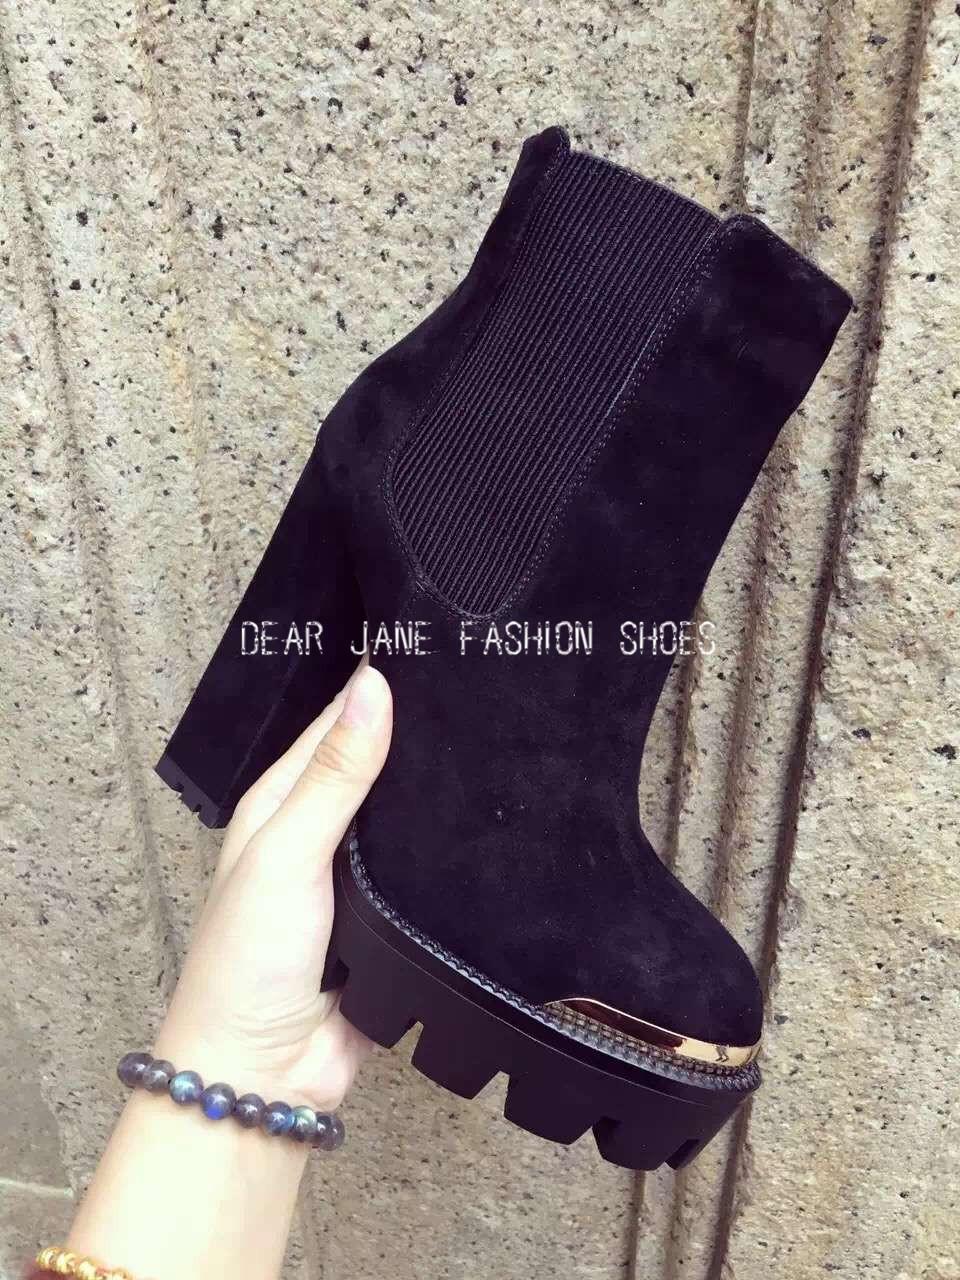 2016 Новый горячий угорь женщин рокер стиль круглого toe Slip-на толстый высокий каблук 12см сверкающие оболочка / колонки сапоги/мода для женщин платформы насосы большой размер